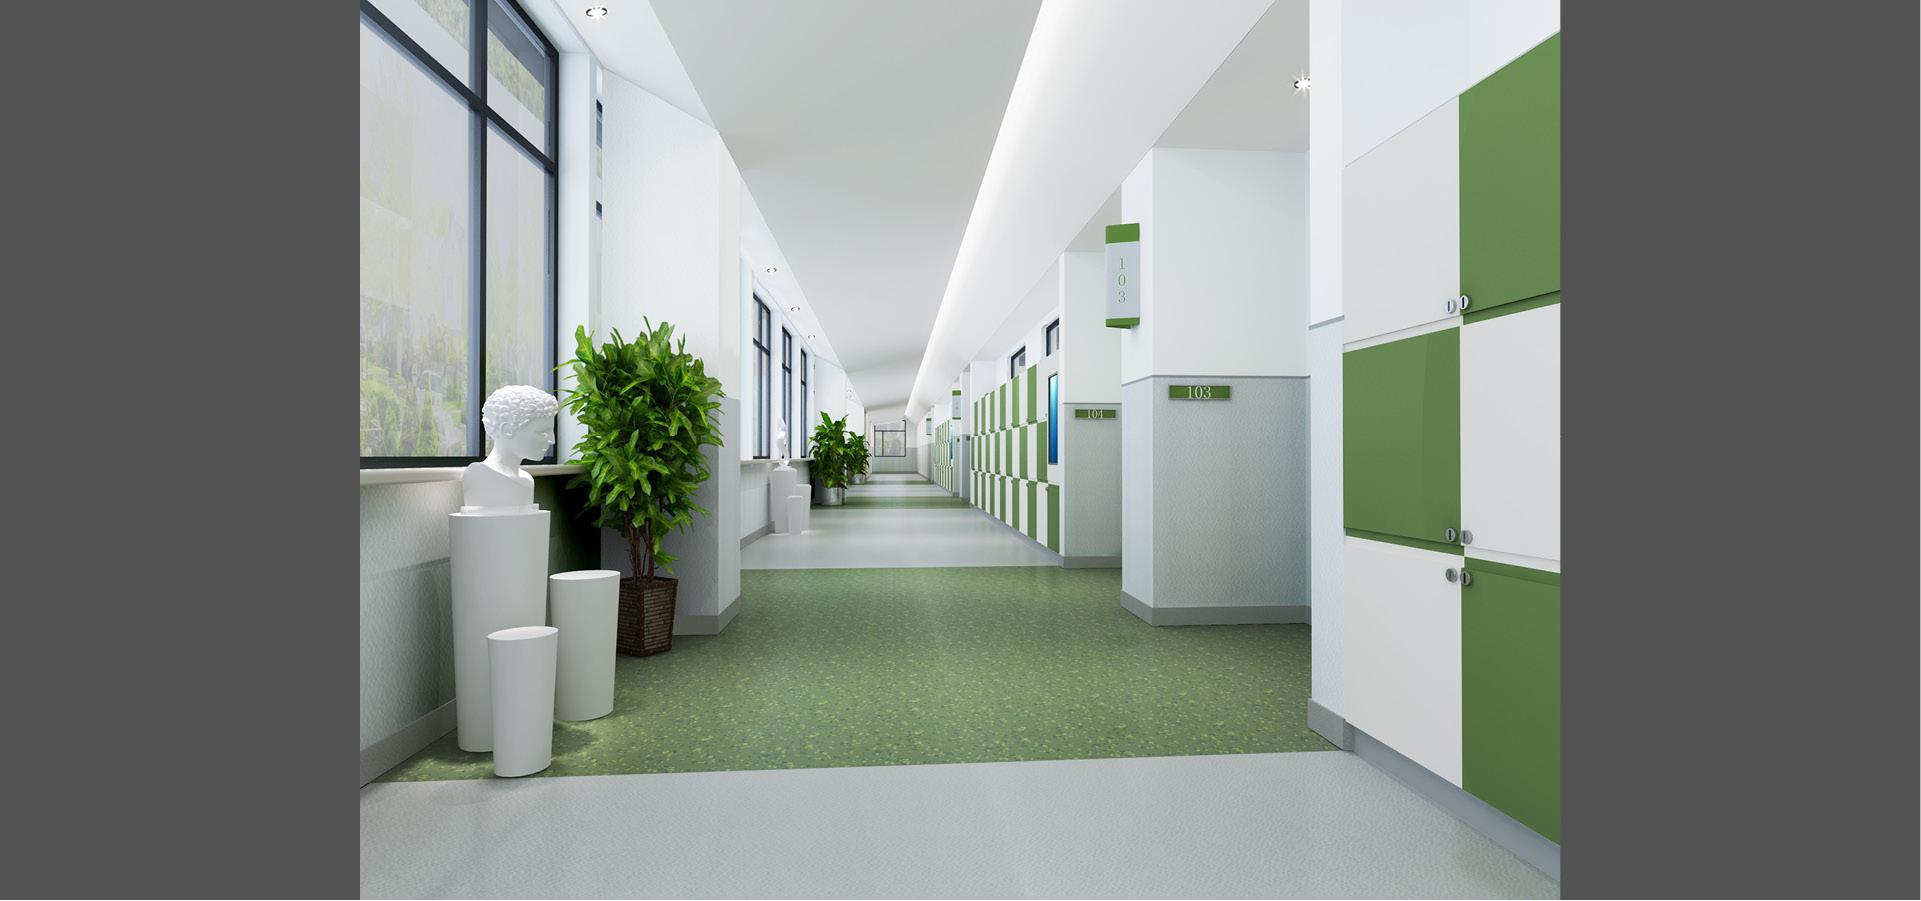 青岛美术学校 - 北洋设计图片